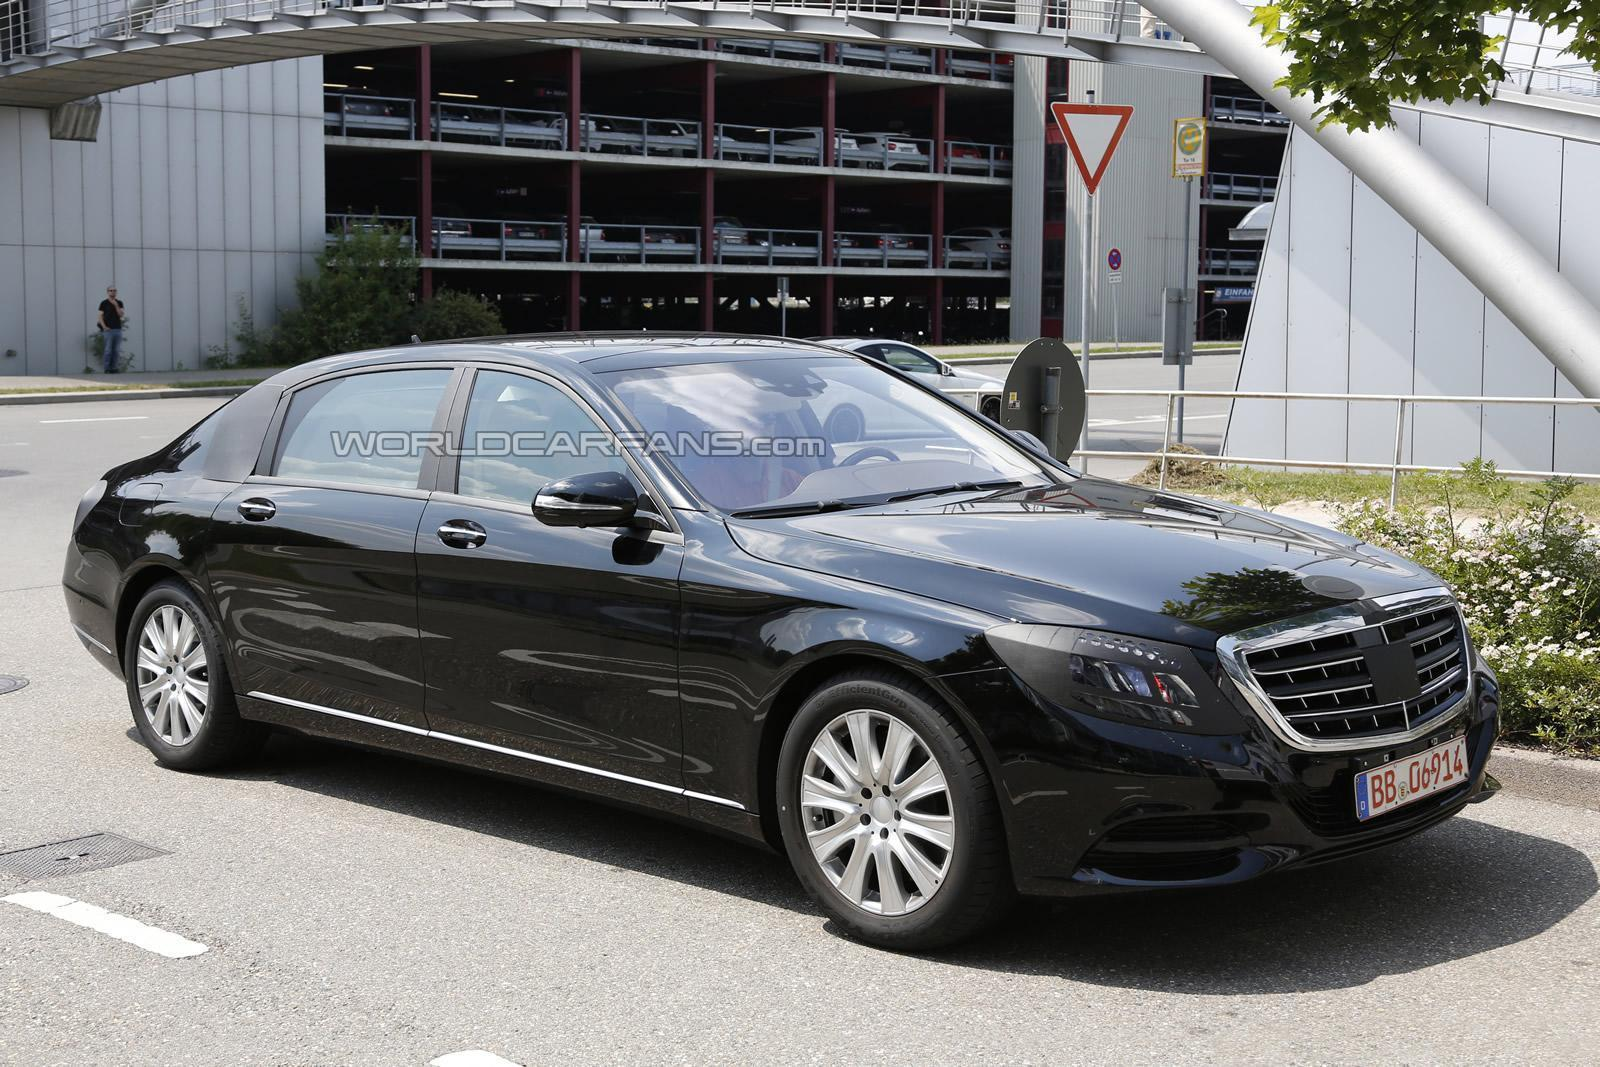 spyshots 2014 mercedes benz s class pullman - Mercedes Benz 2014 S Class Black